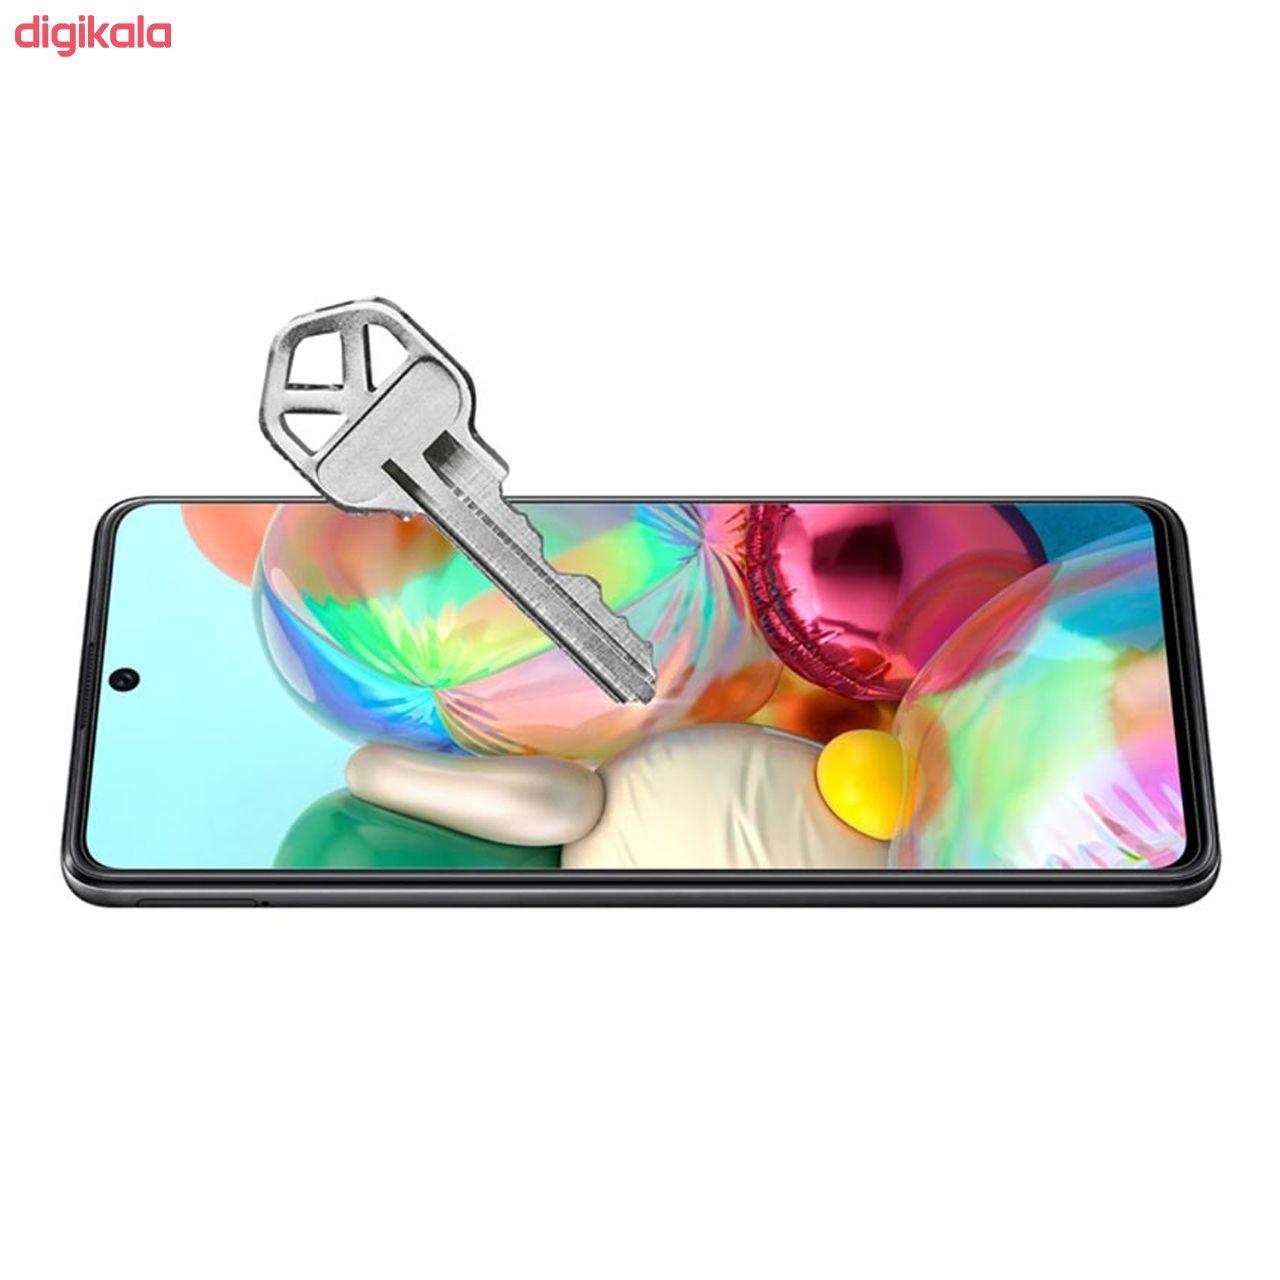 محافظ صفحه نمایش سیحان مدل CLT مناسب برای گوشی موبایل سامسونگ Galaxy A71 main 1 6